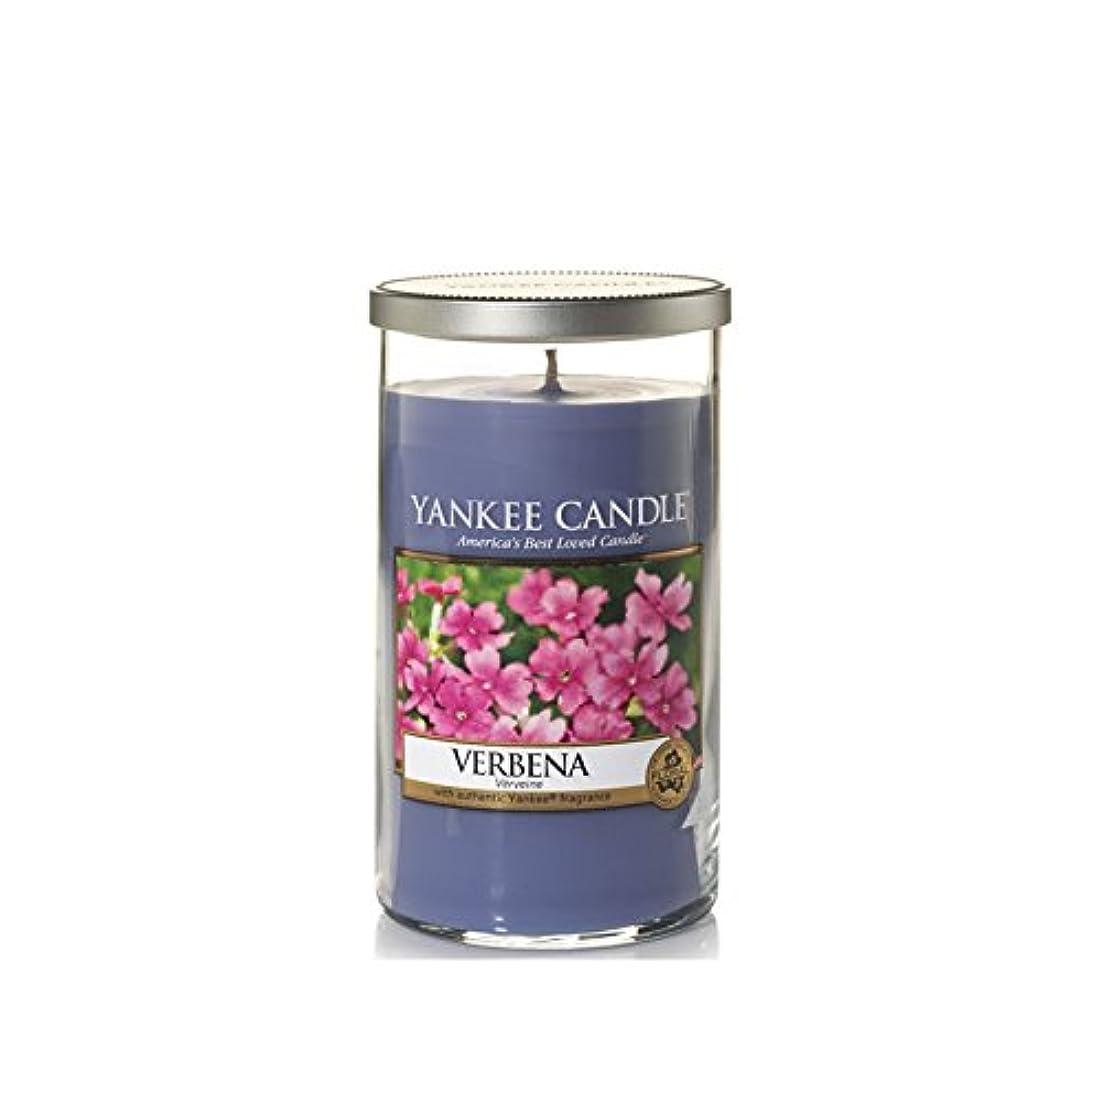 反毒おそらく溶融Yankee Candles Medium Pillar Candle - Verbena (Pack of 2) - ヤンキーキャンドルメディアピラーキャンドル - バーベナ (x2) [並行輸入品]